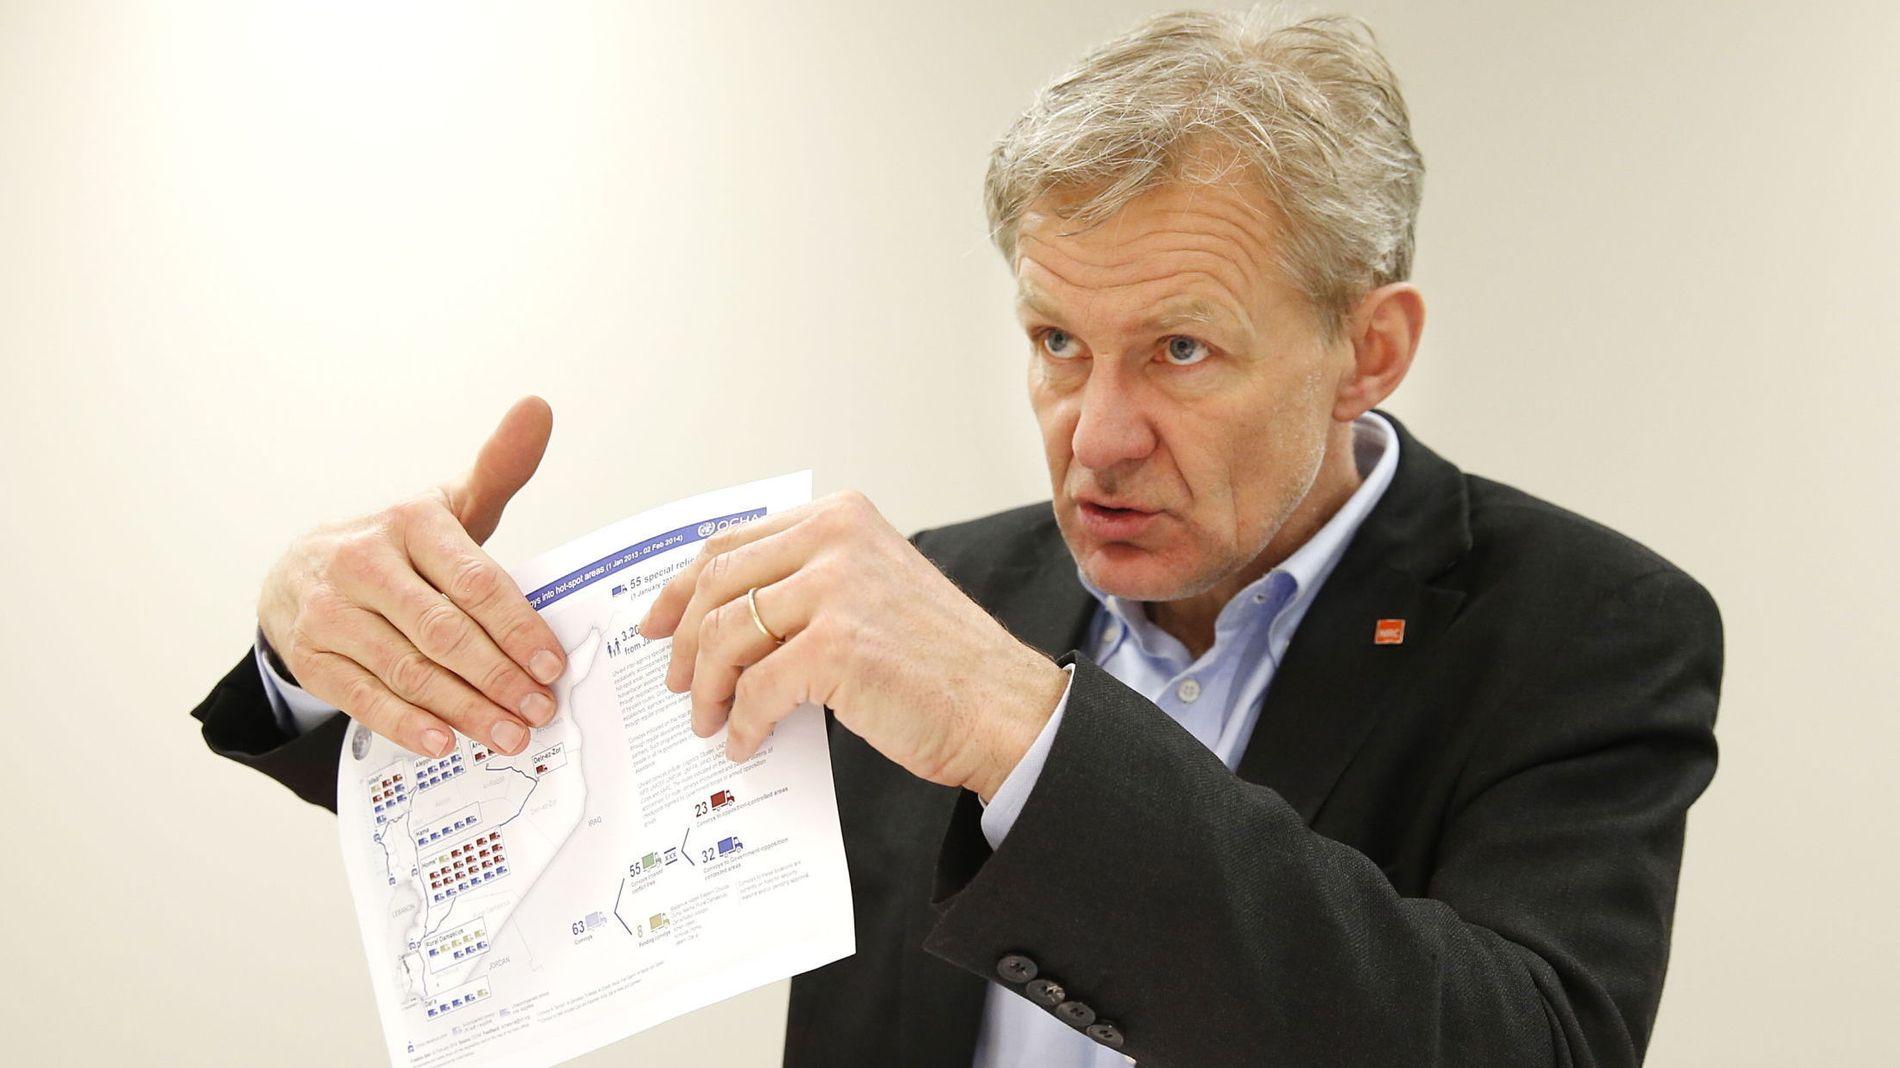 SAMARBEIDER MED ISIL: Generalsekretær Jan Egeland forteller at Flyktninghjelpen er nødt til å samarbeide med militante islamister for å få nødhjelp ut til sivilbefolkningen i Syria. Nødhjelpen misbrukes i ISILs propaganda overfor lokalbefolkningen.